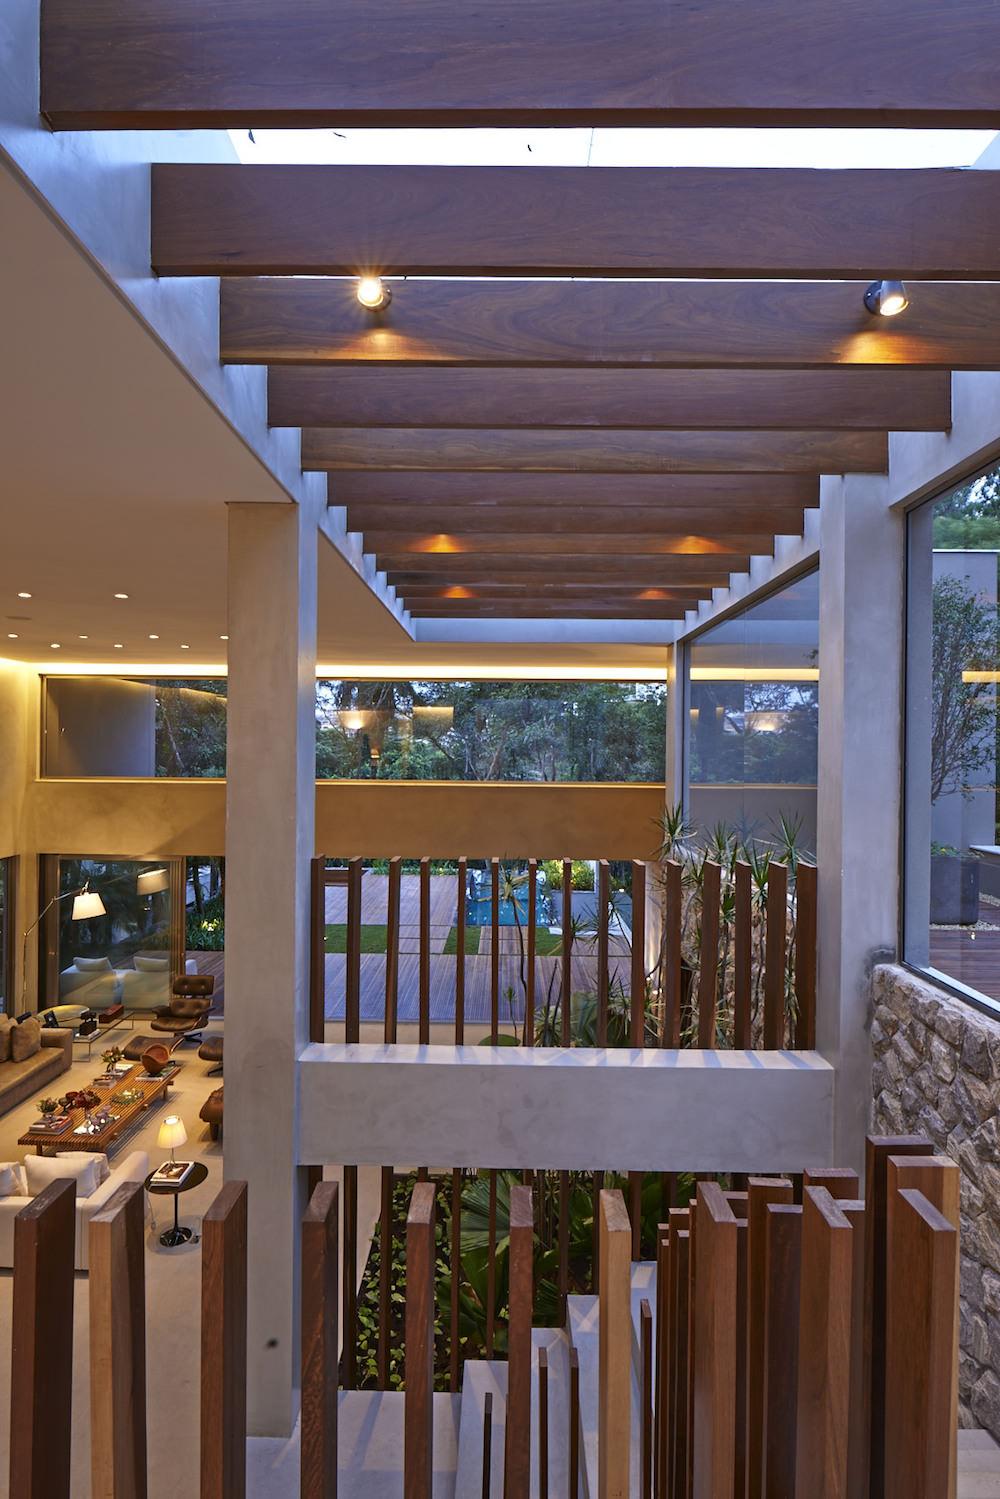 52a3dfede8e44e90be000118_bosque-da-ribeira-anastasia-arquitetos__dsc7417